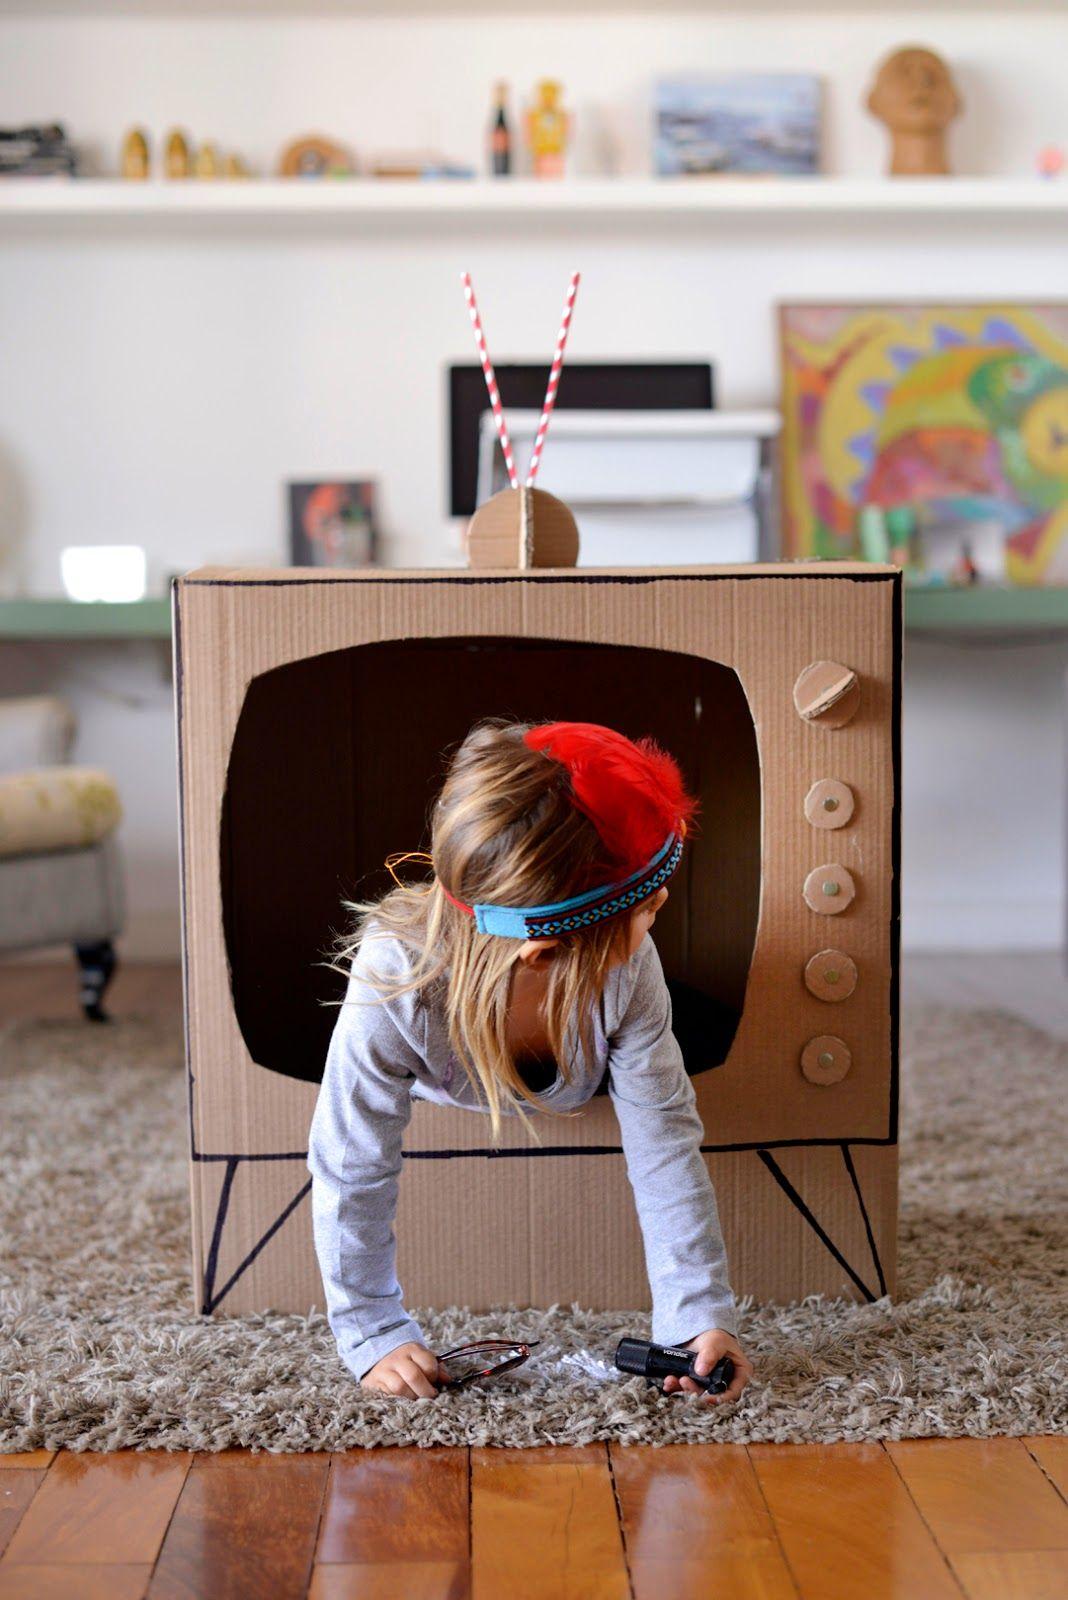 Make a DIY cardboard TV for hours